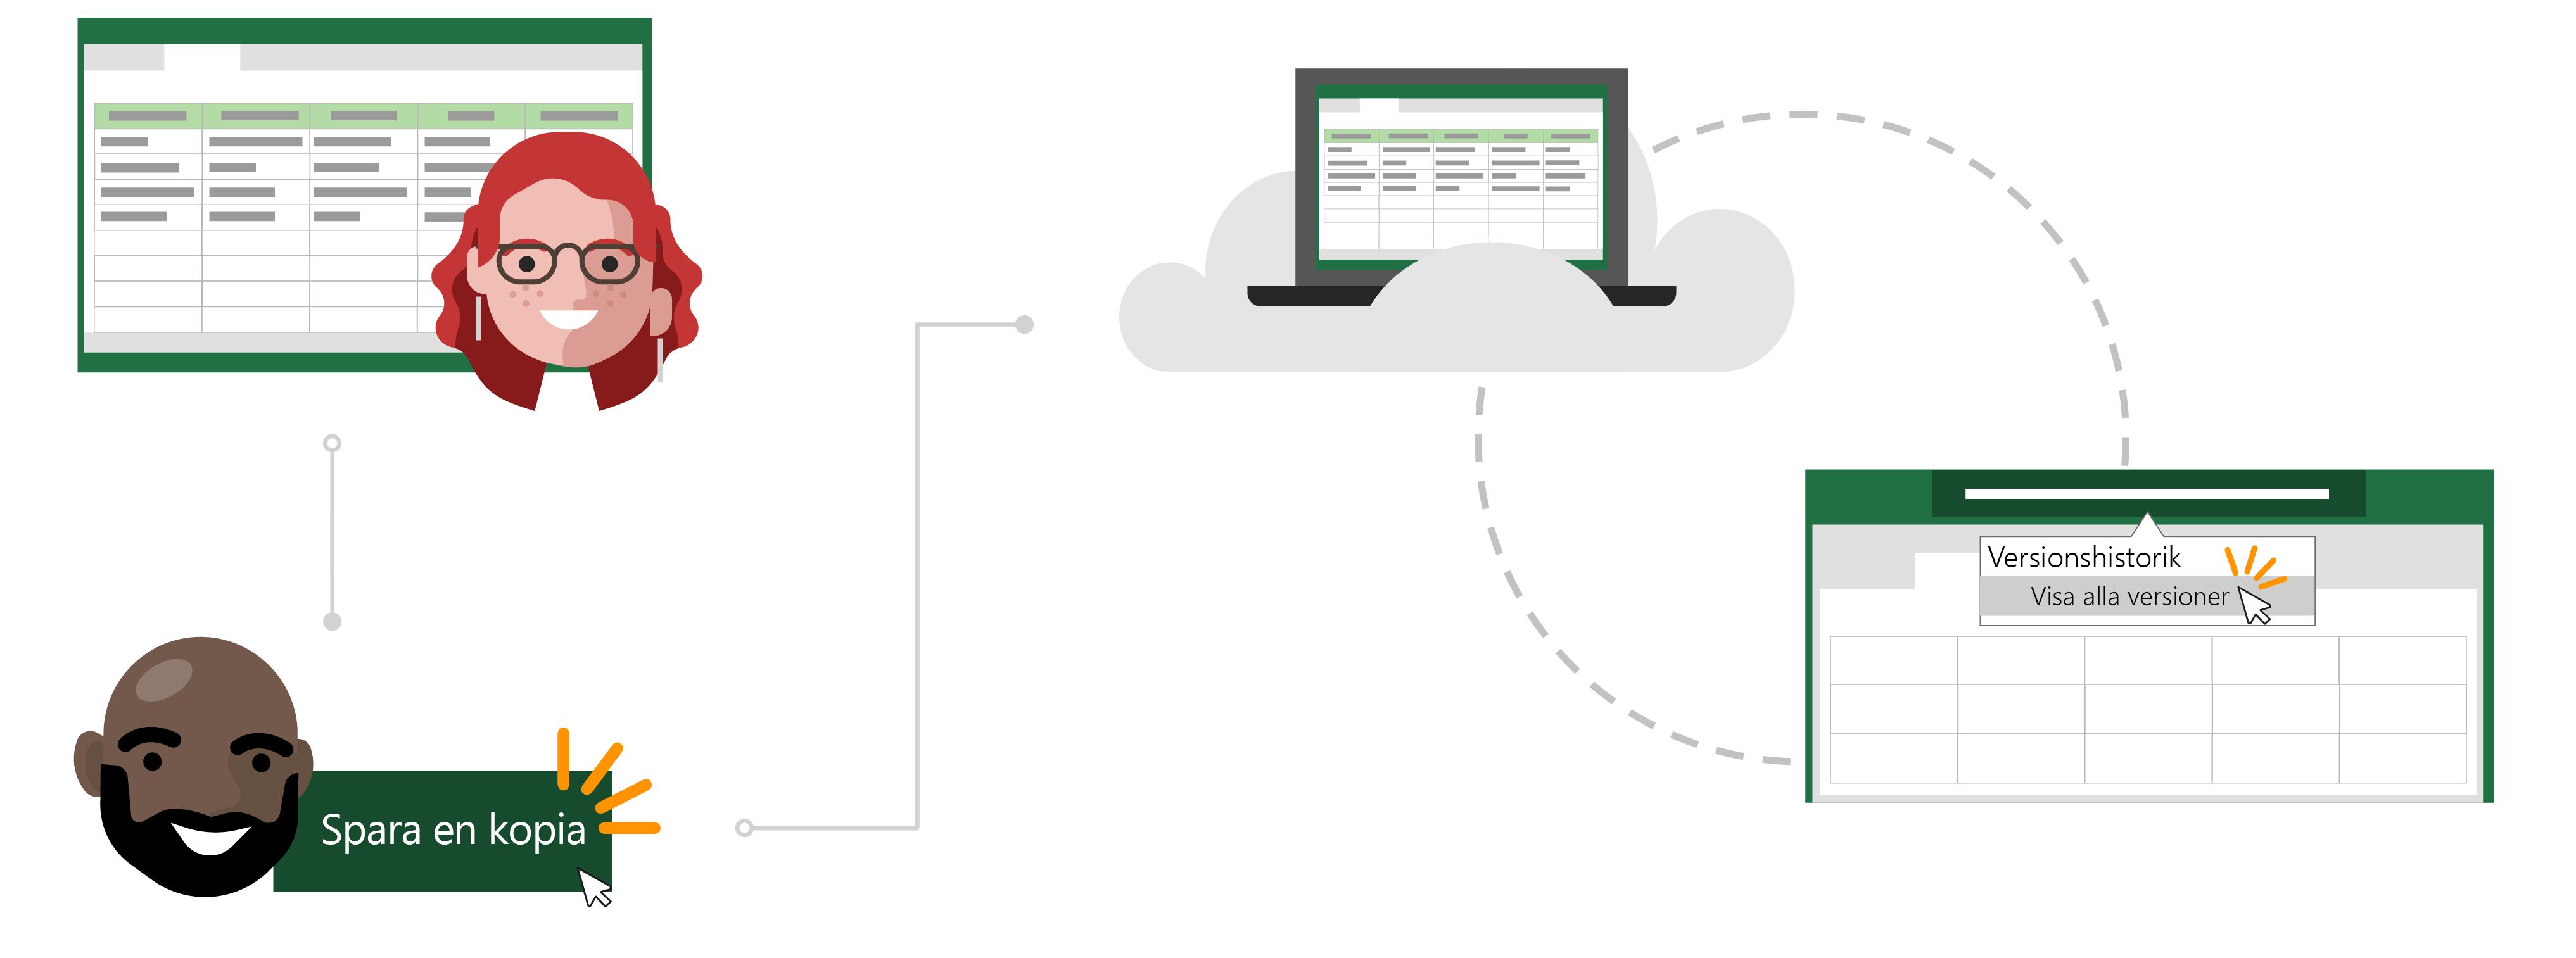 Använd en befintlig fil i molnet som en mall för en ny fil med Spara en kopia.